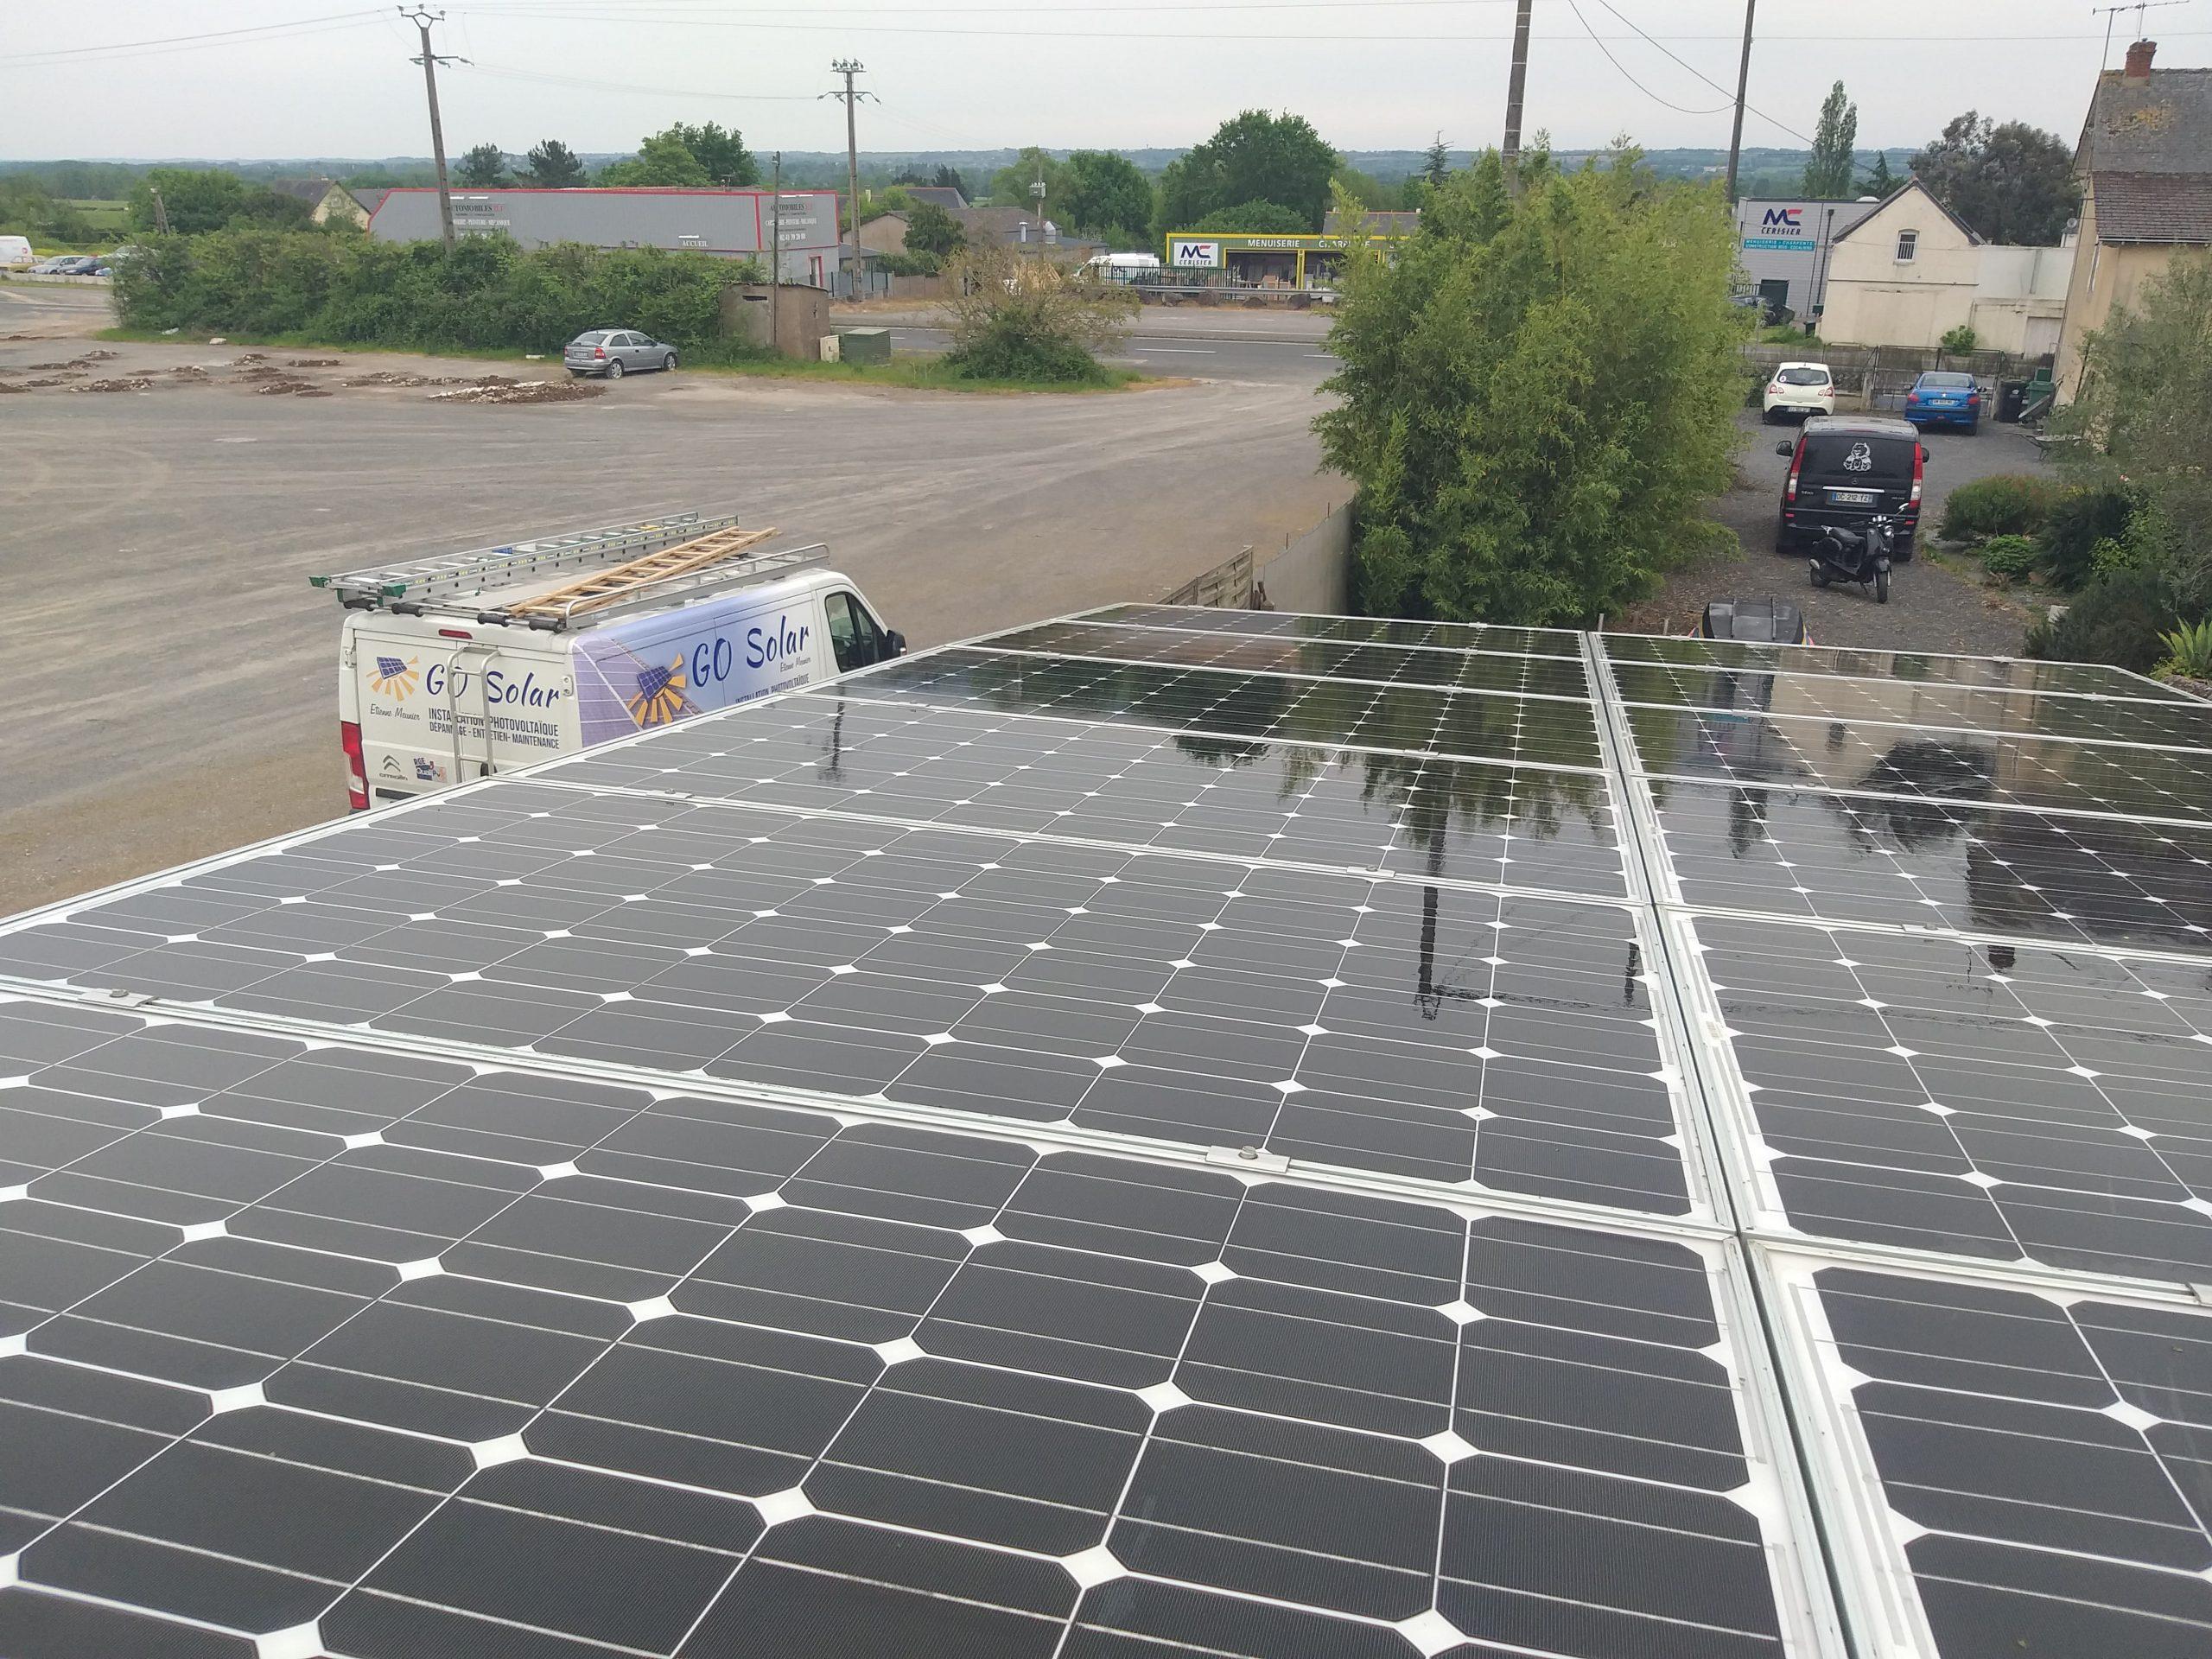 go solar entreprise confiance saint herblain